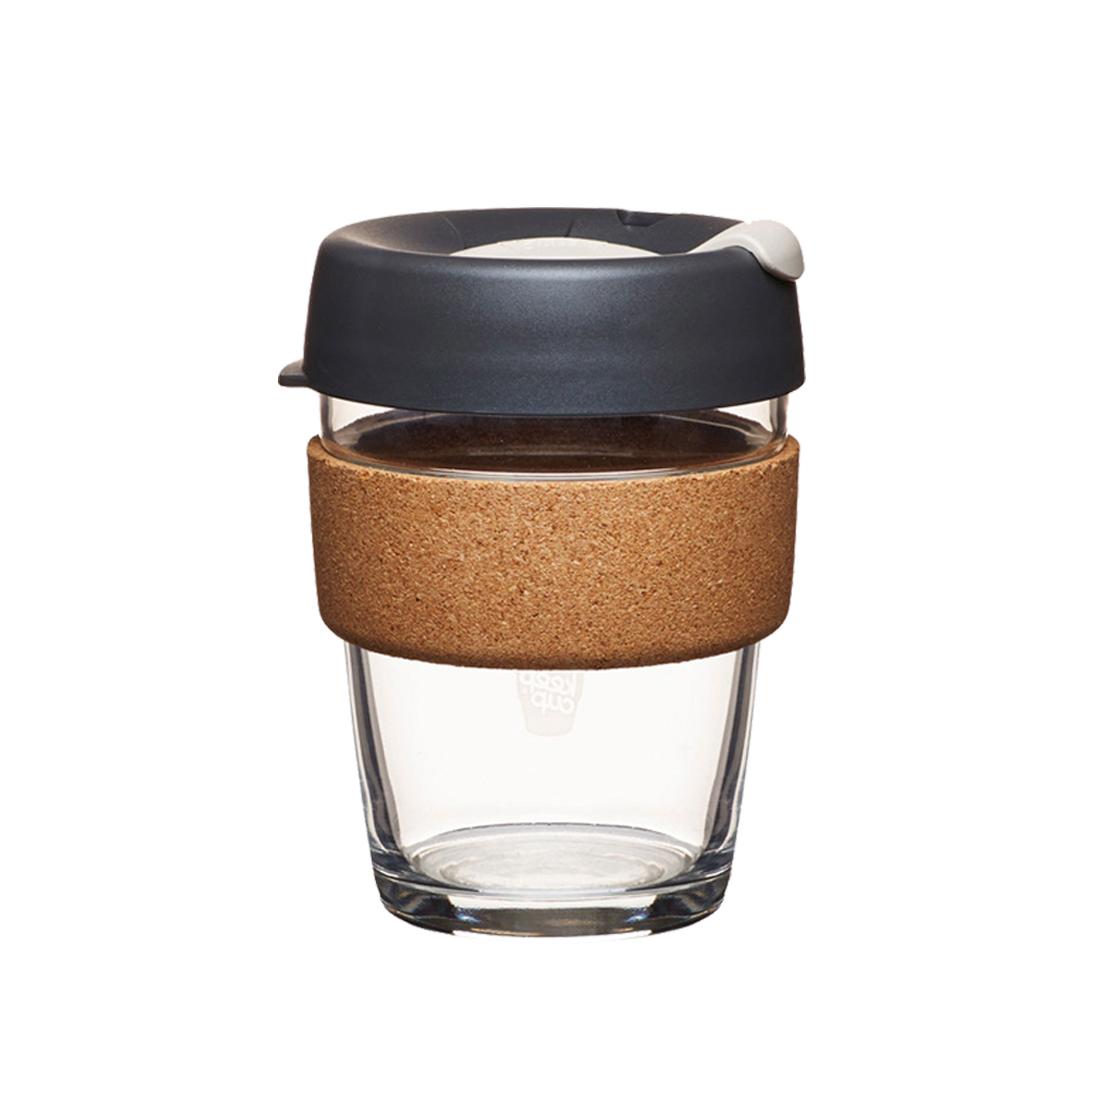 澳洲 KeepCup 隨身咖啡杯 軟木系列 M - 重烘培